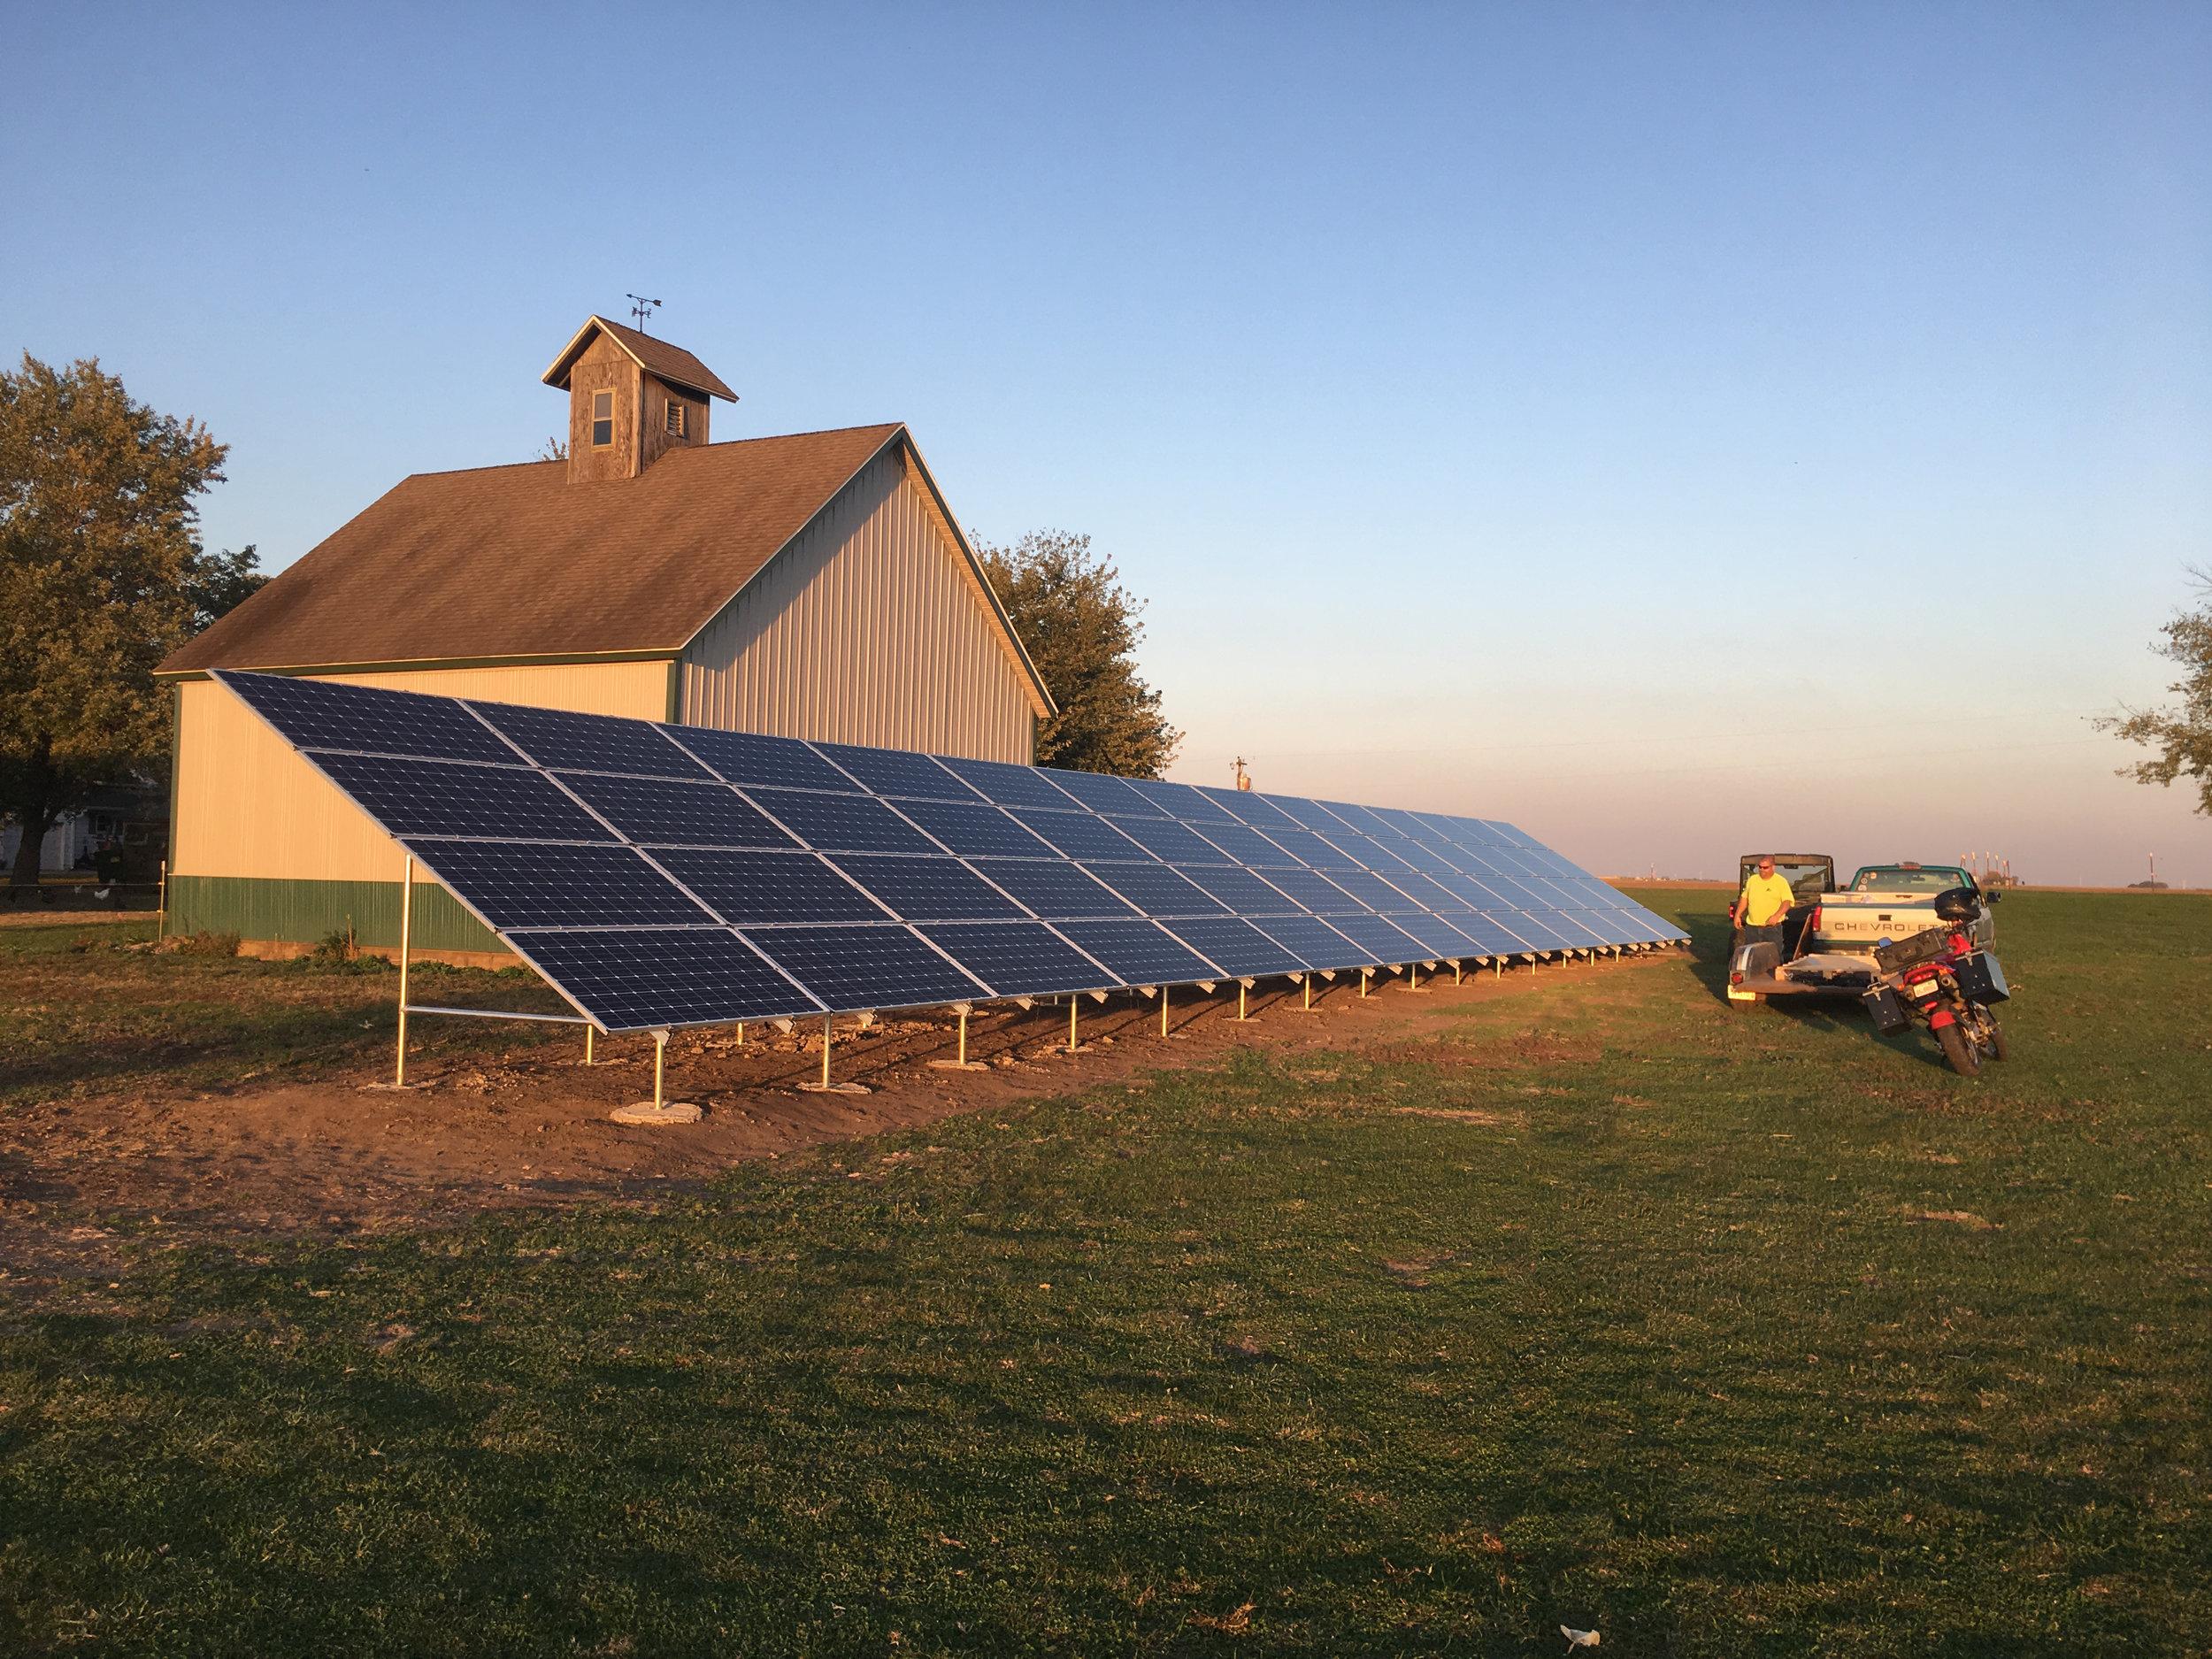 Residential and Farm Solar Array